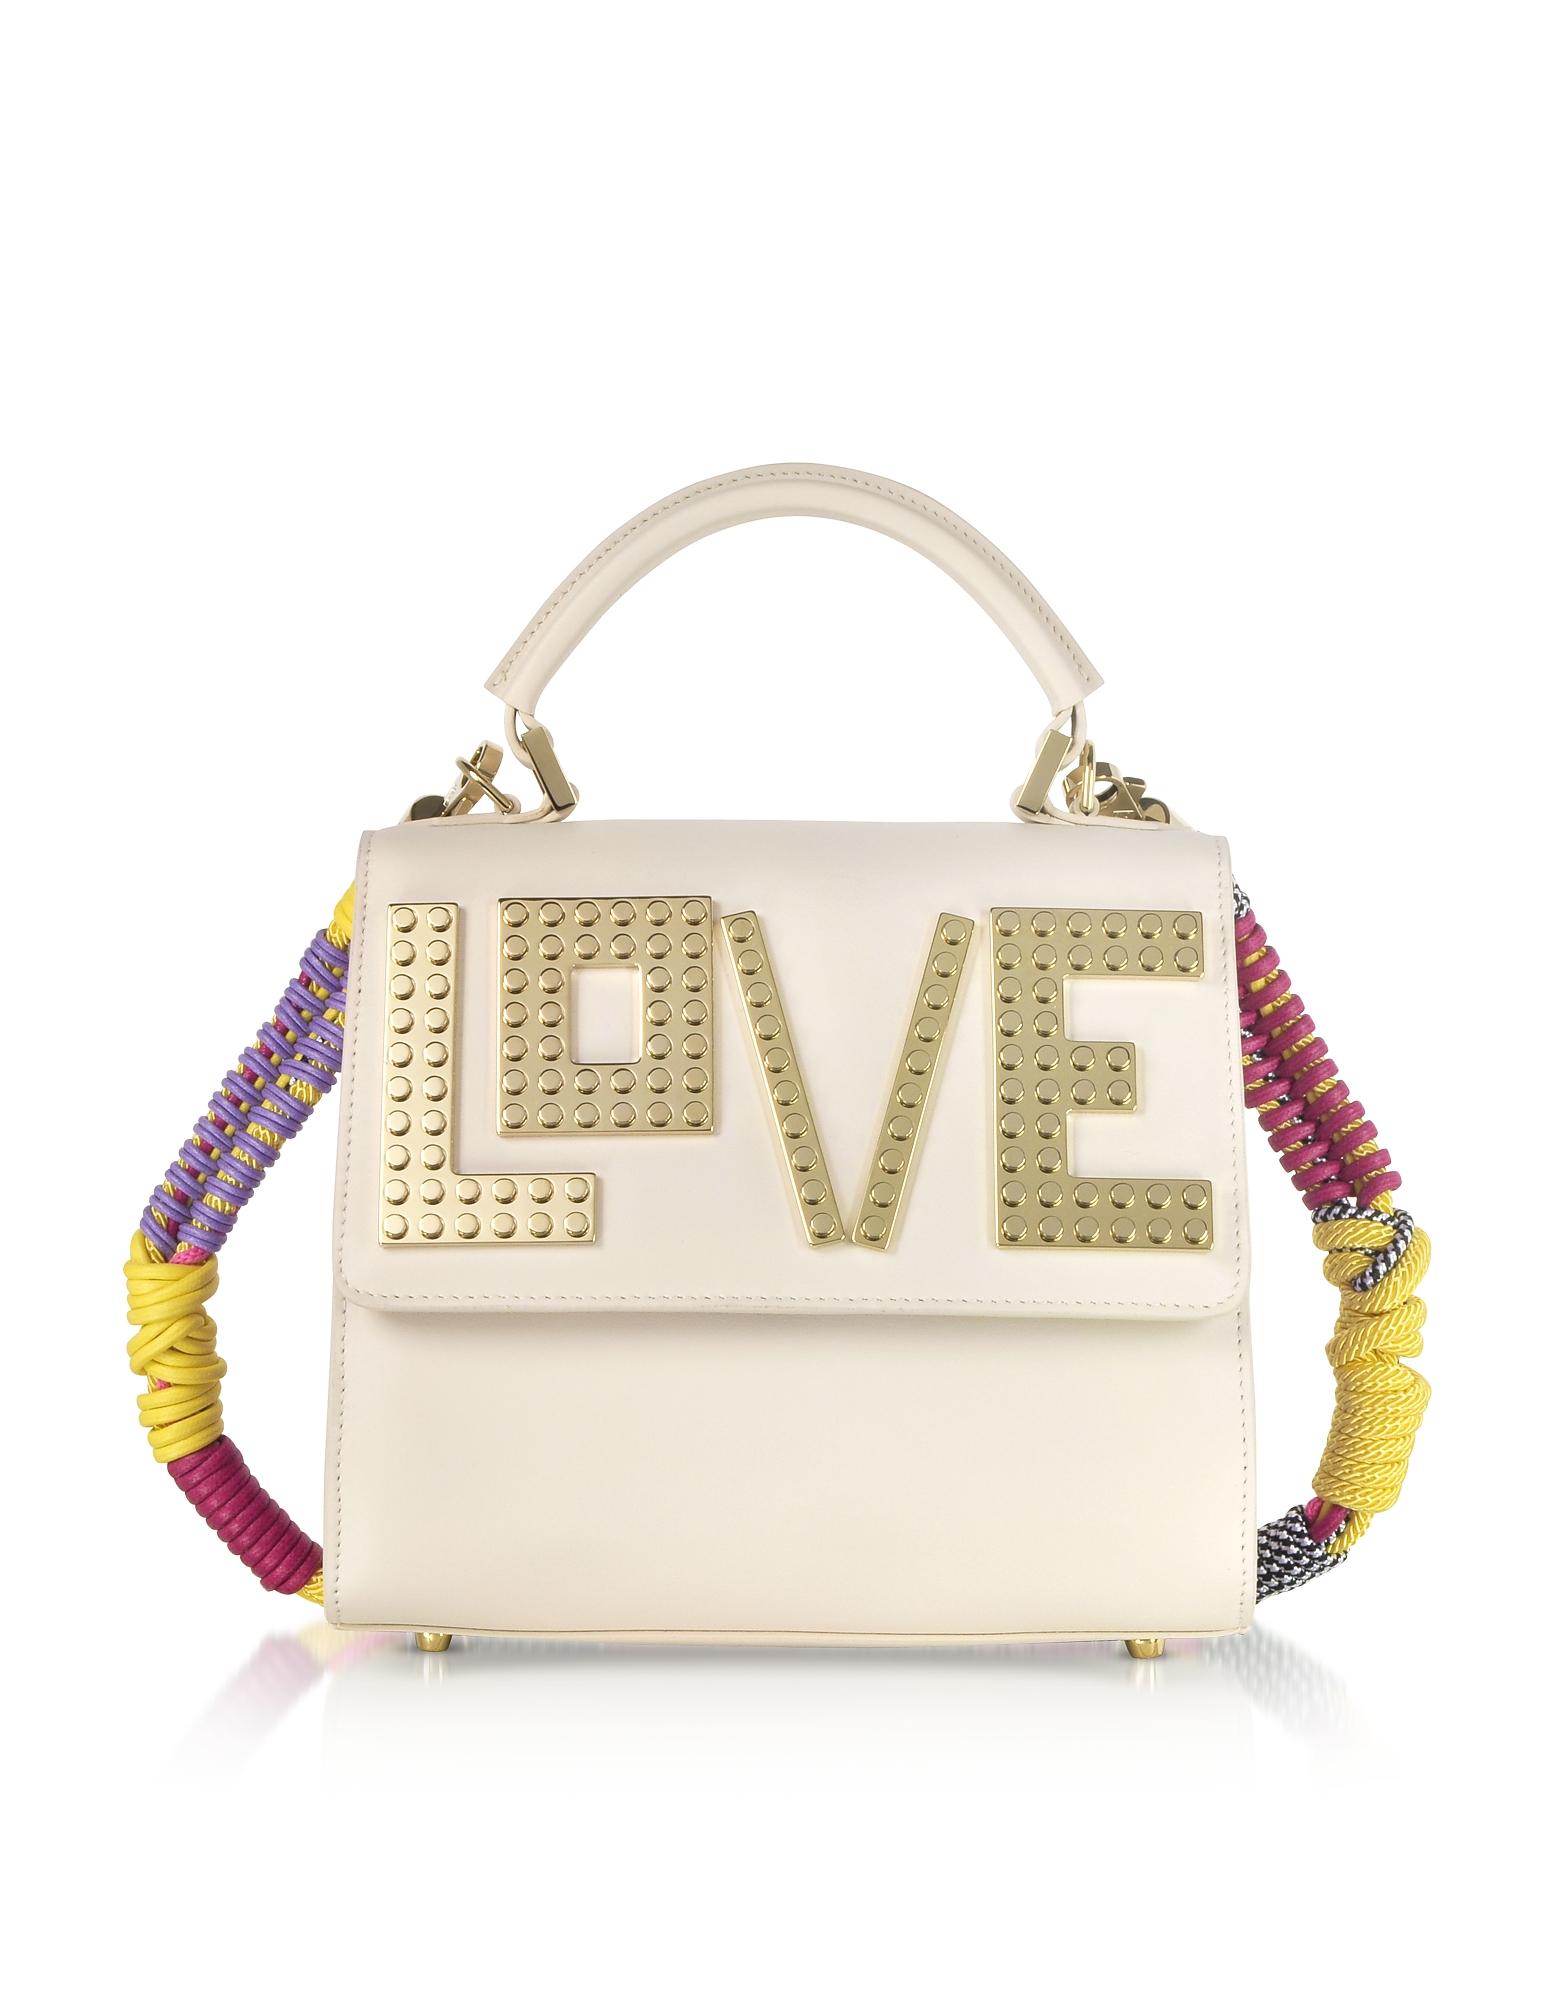 LES PETITS JOUEURS Mini Alex Golden Love Satchel Bag in Beige